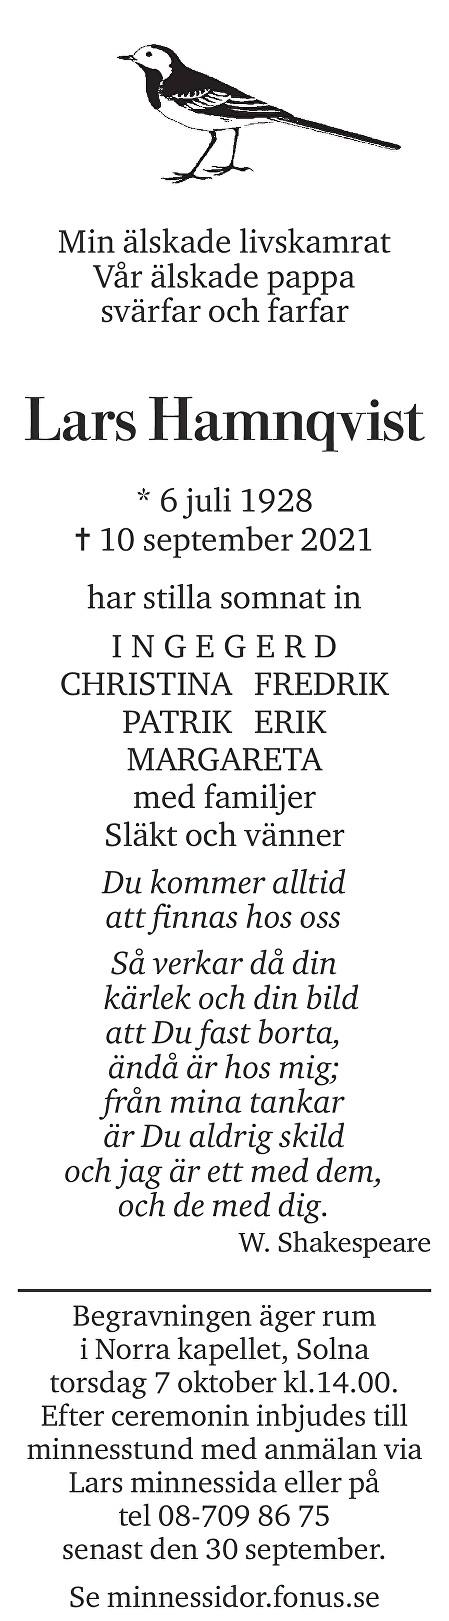 Lars Hamnqvist Death notice